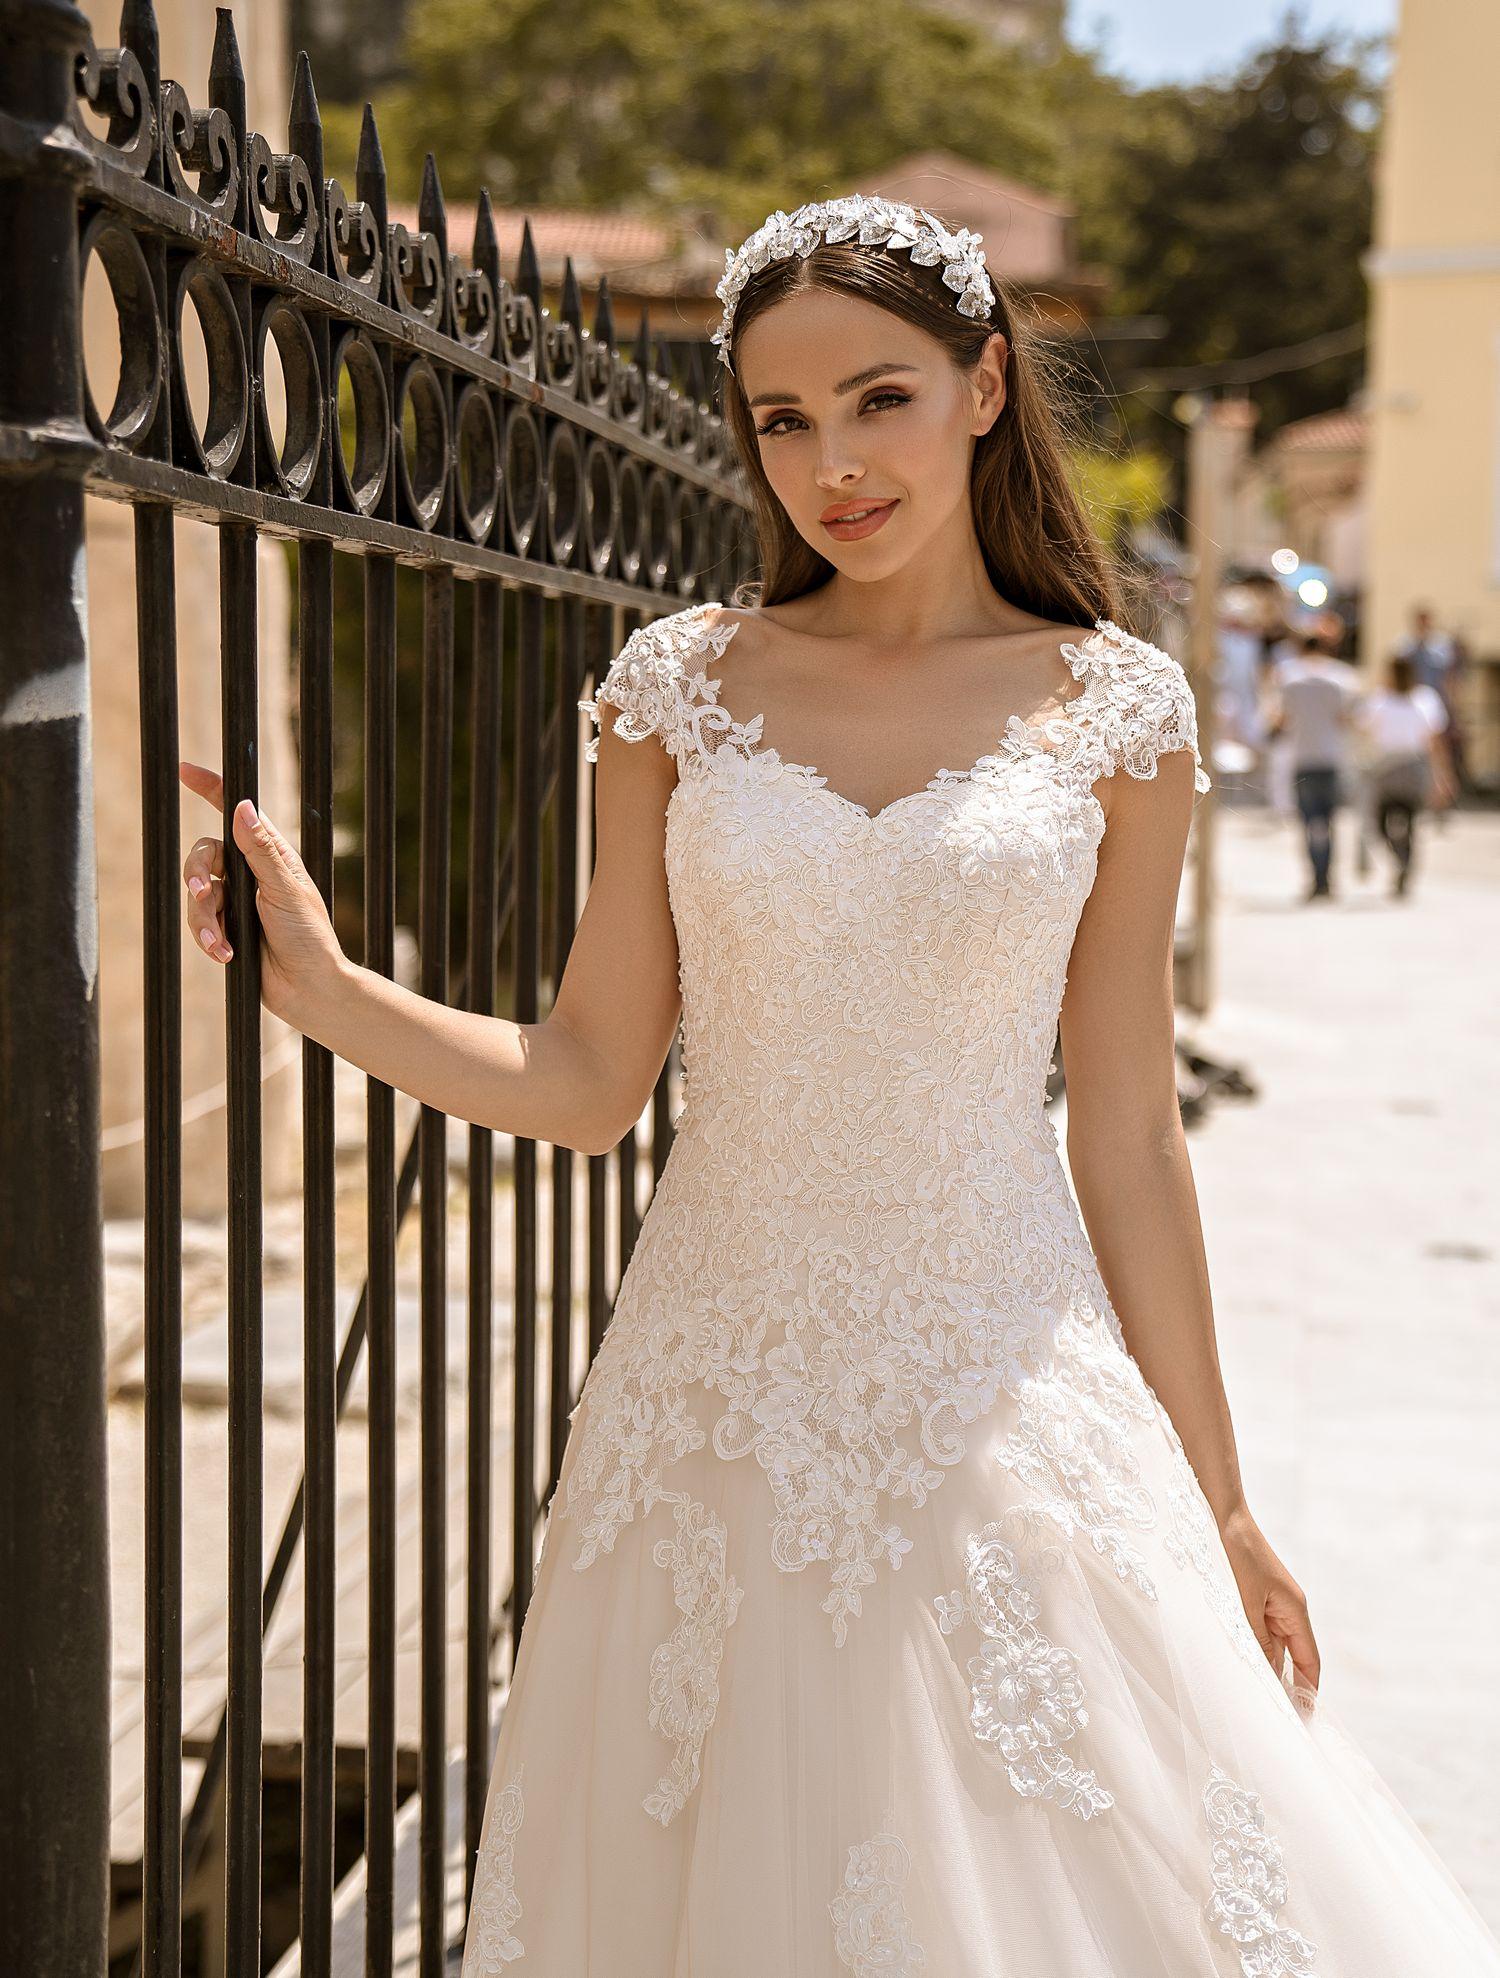 Весільна сукня на шнурівці від виробника Supernova оптом-1